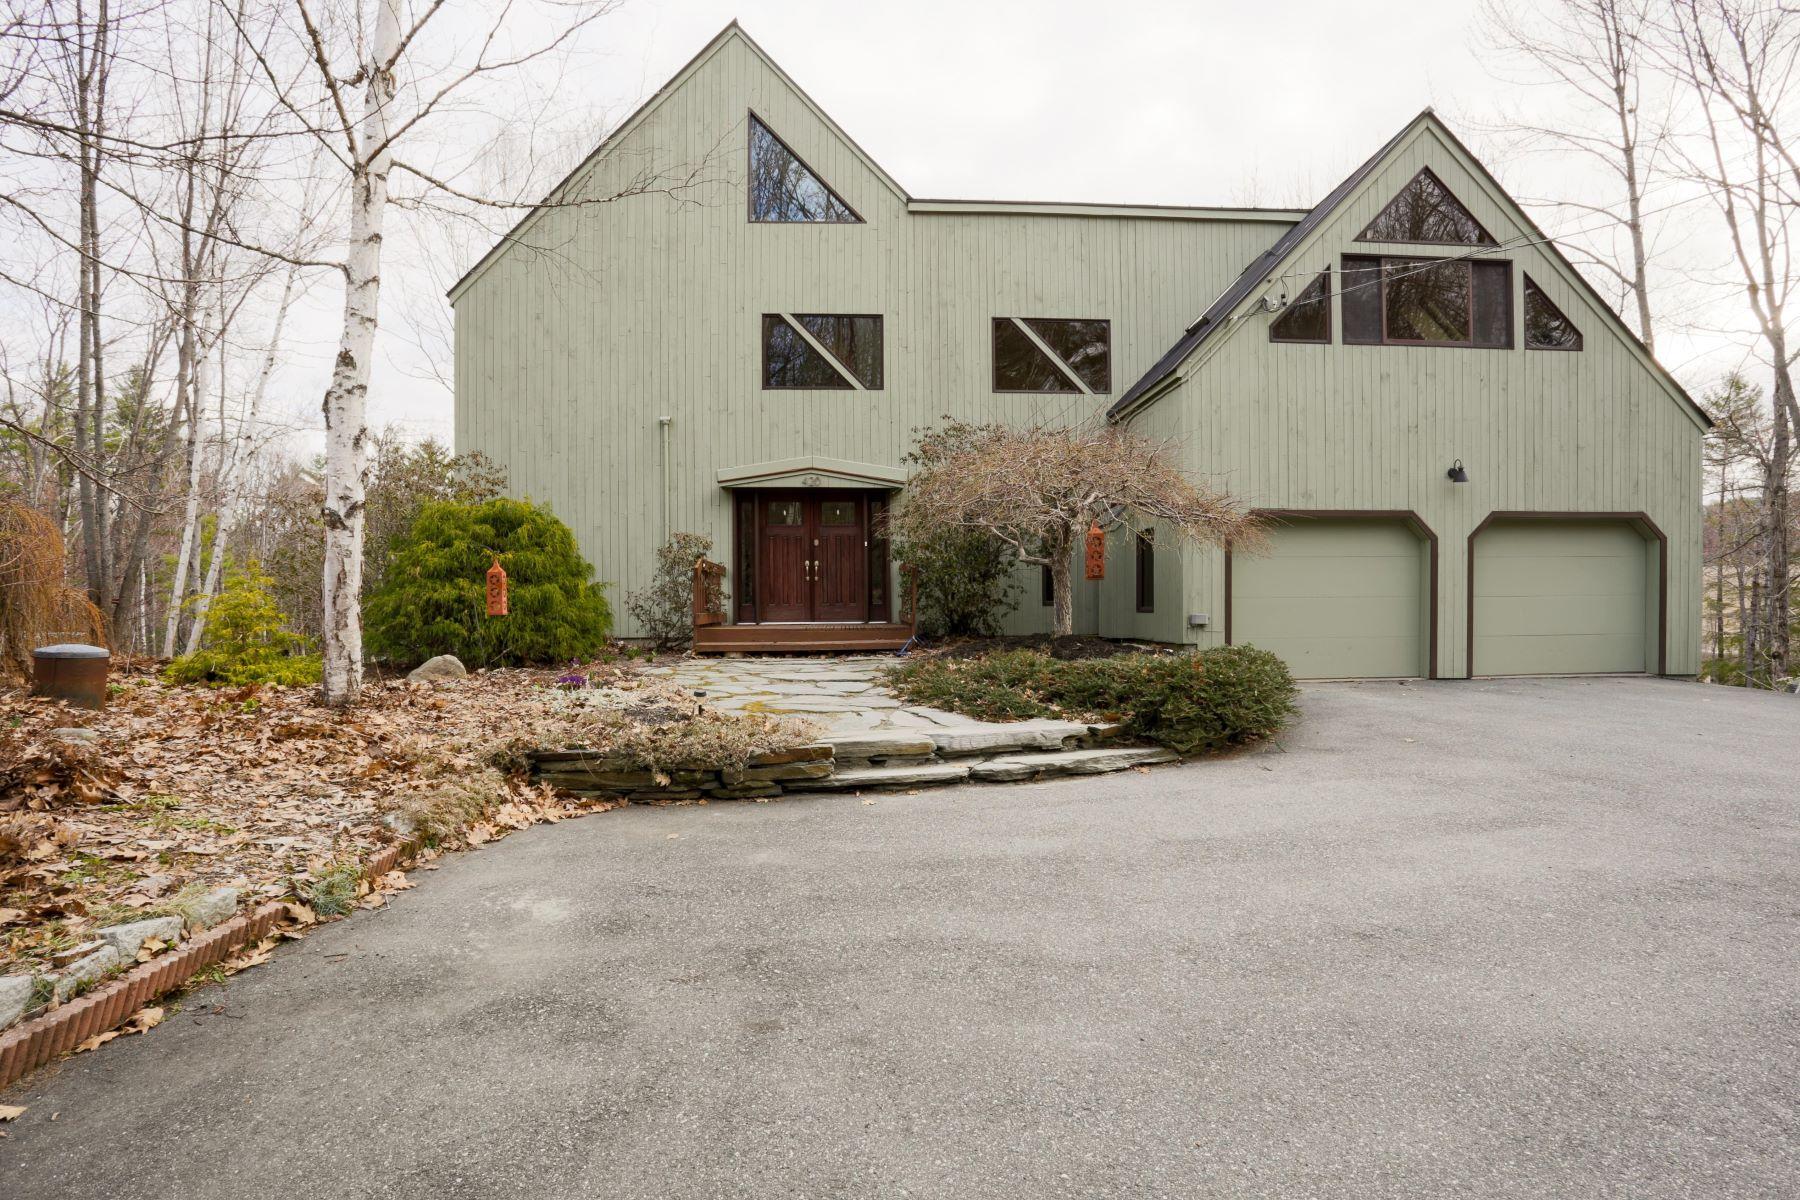 Maison unifamiliale pour l Vente à 420 Dogford, Hanover Hanover, New Hampshire, 03755 États-Unis